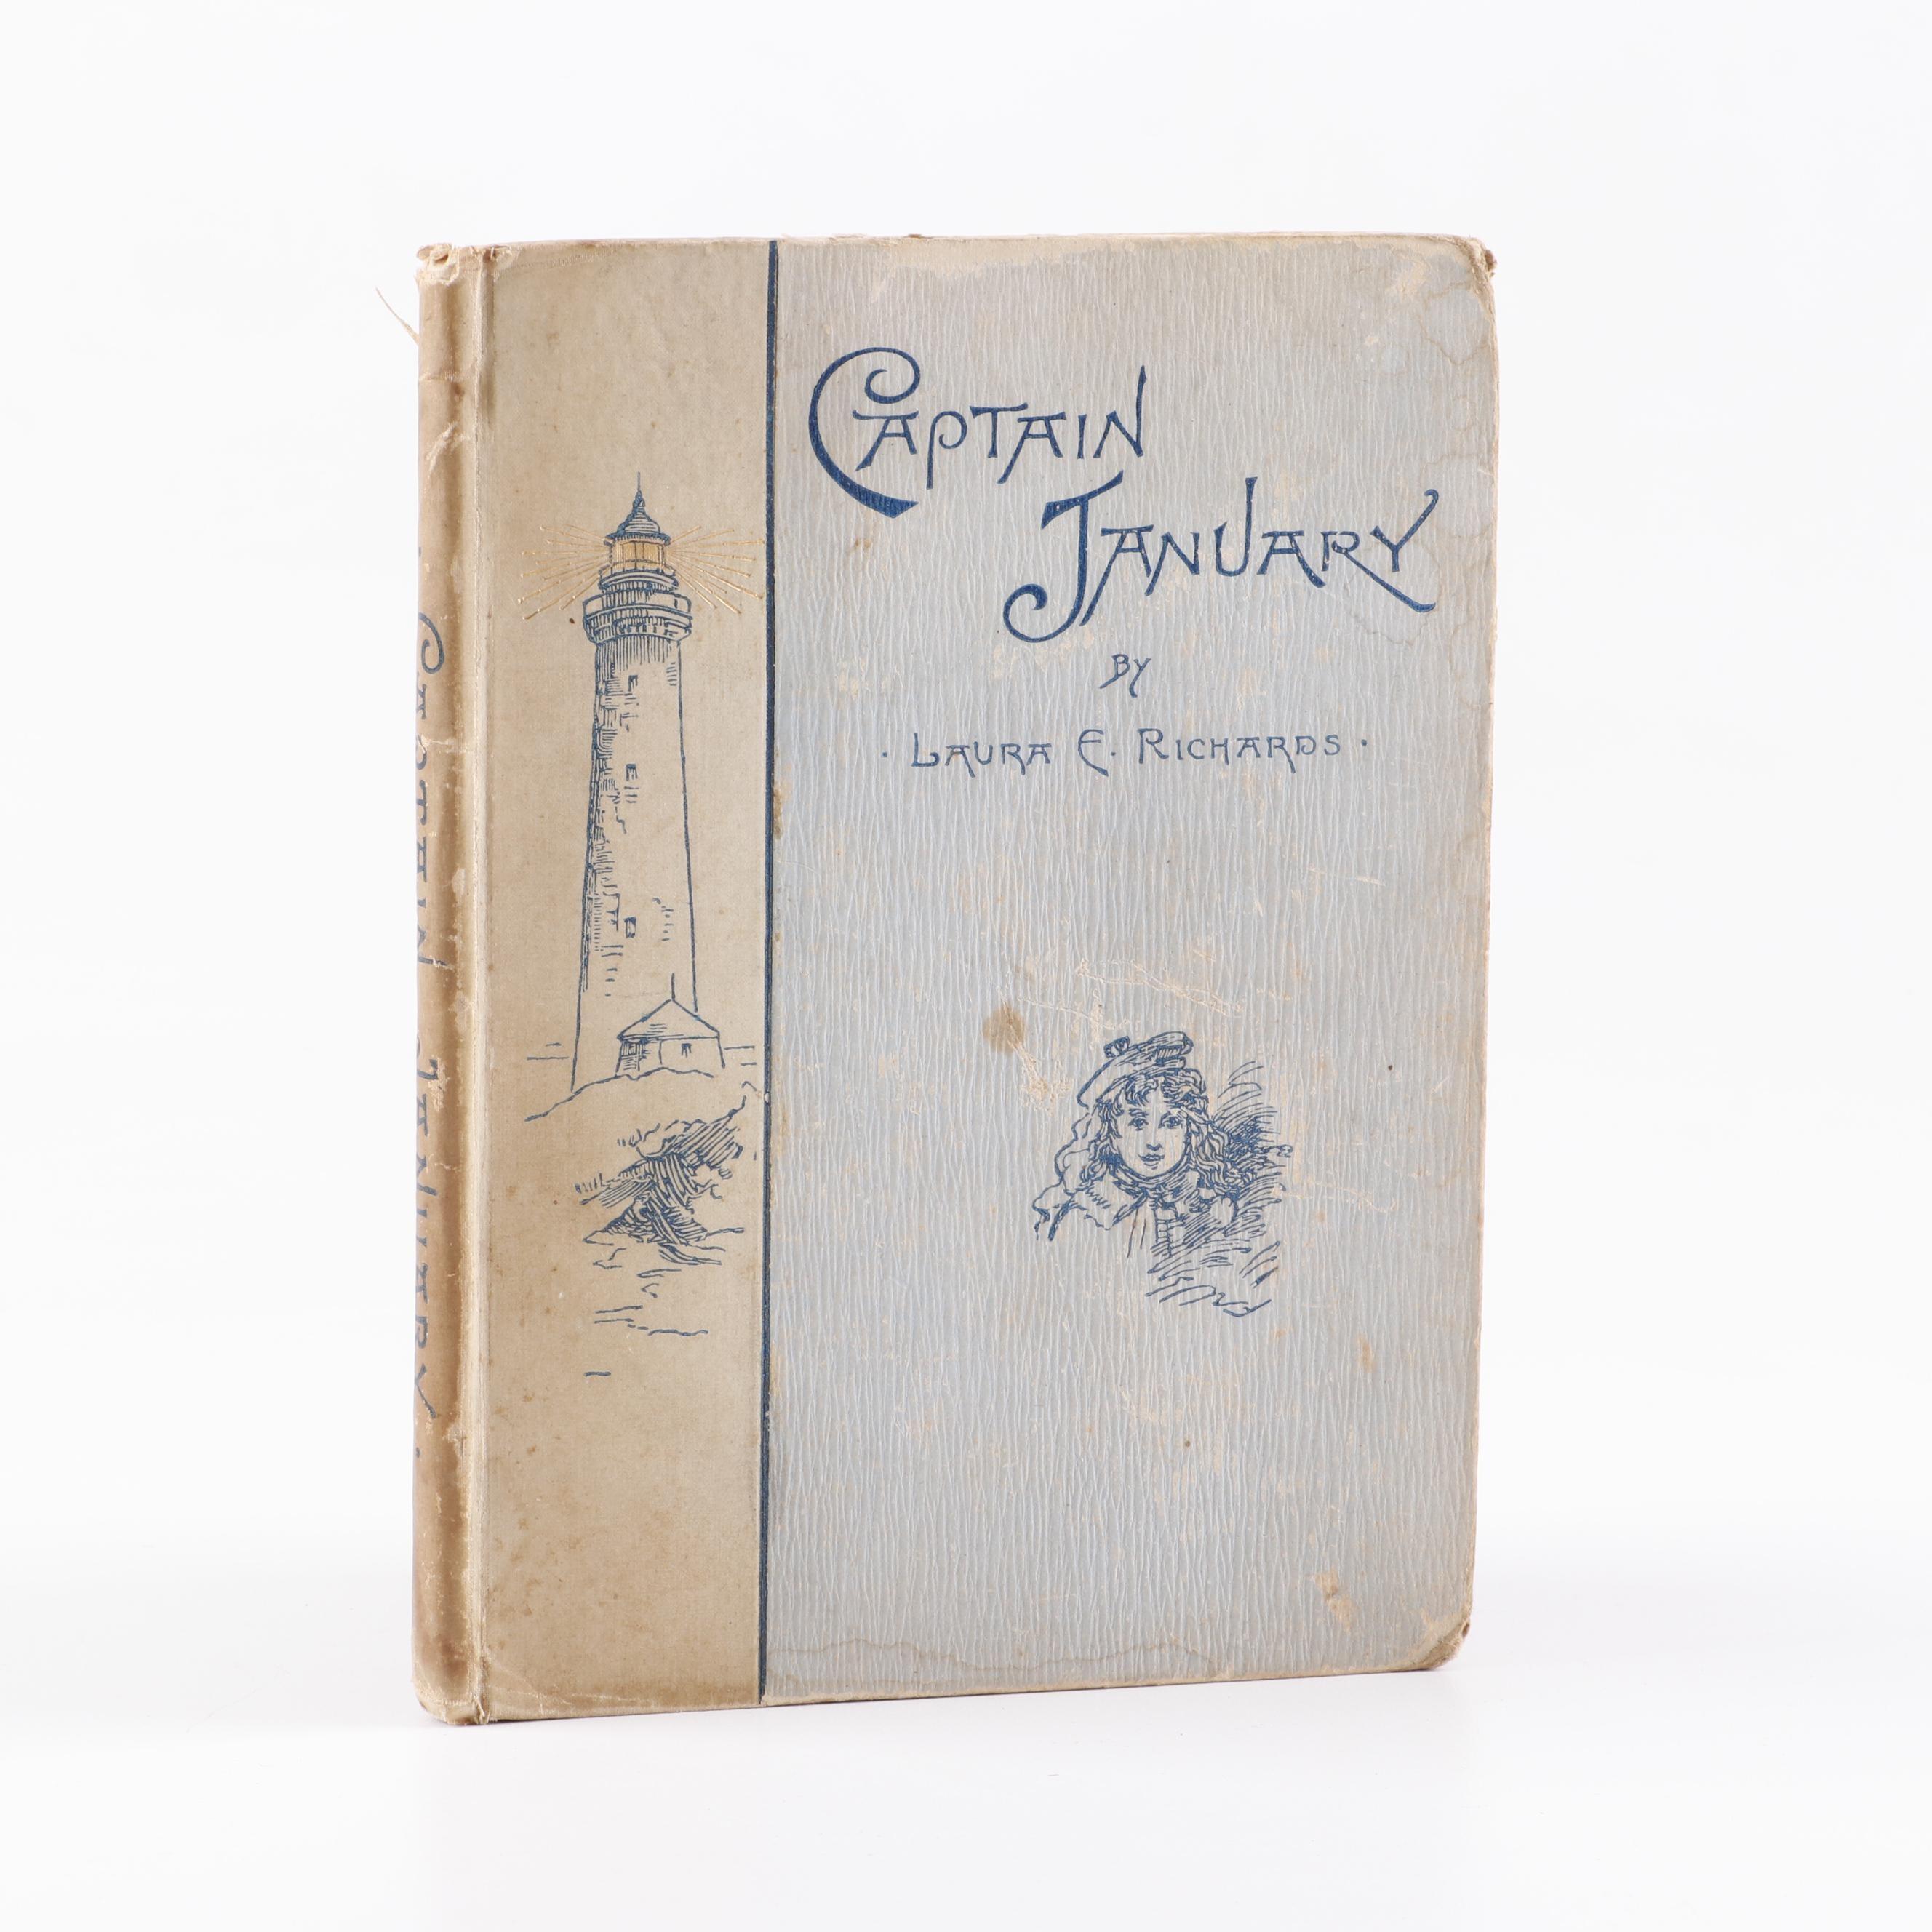 """""""Captain January"""" by Laura E. Richards, 1891"""